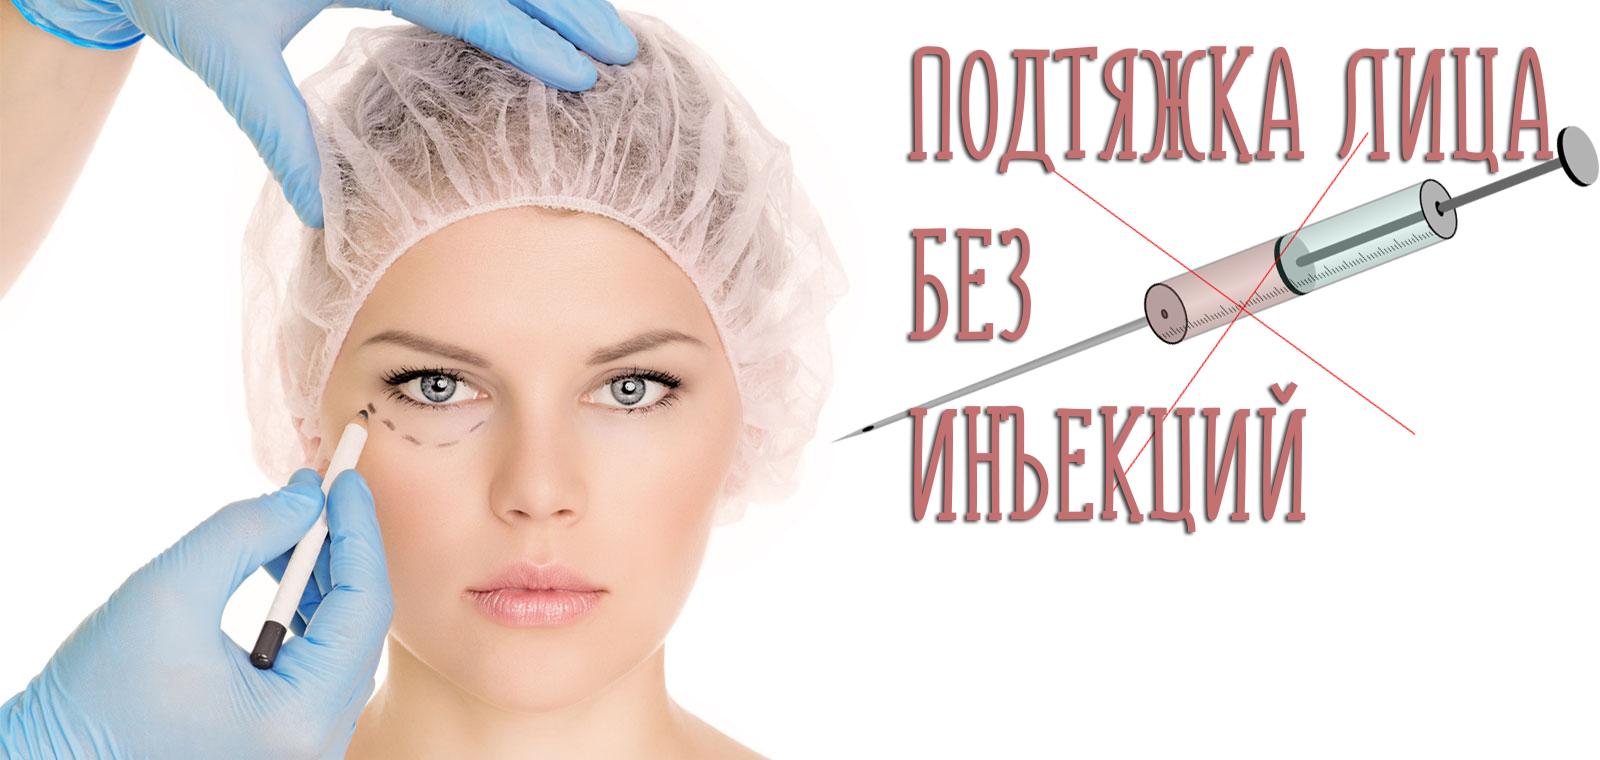 Подтяжка лица без инъекций – сколько стоит и где сделать?